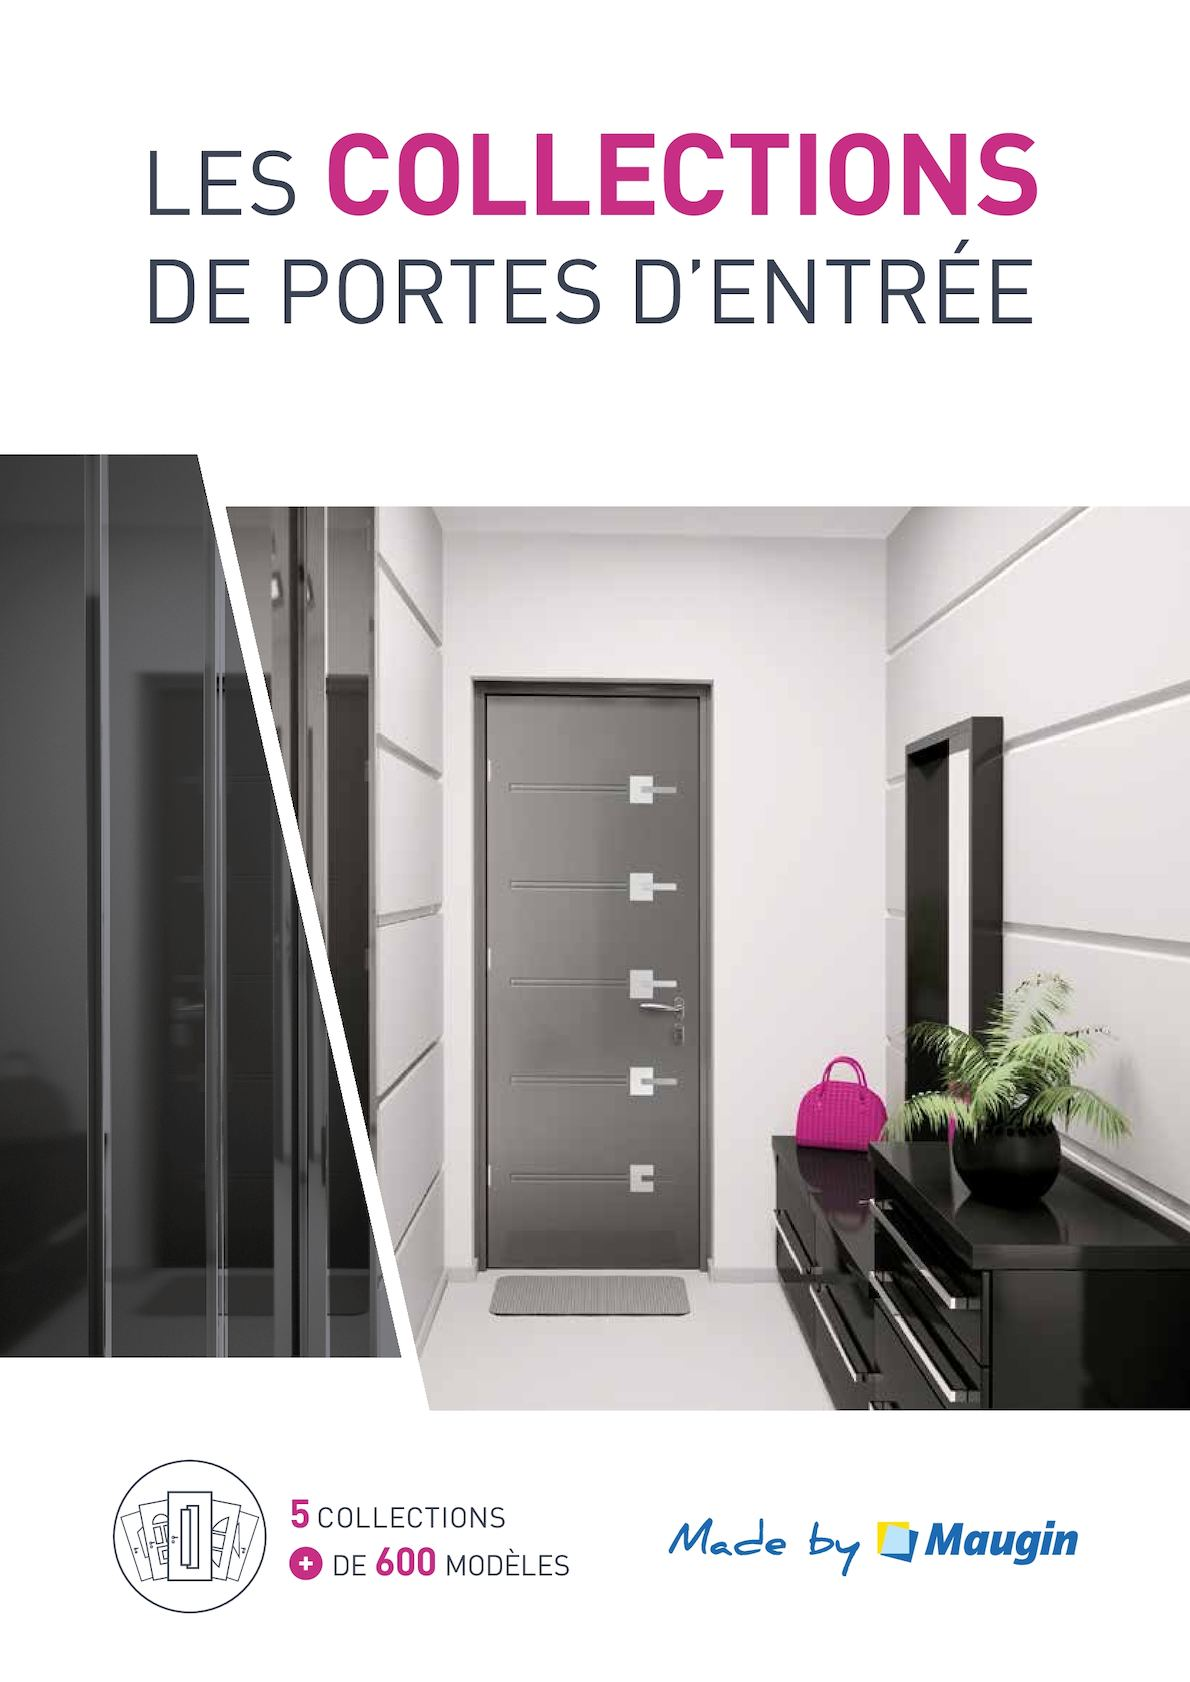 calam o catalogue porte d 39 entr e maugin. Black Bedroom Furniture Sets. Home Design Ideas